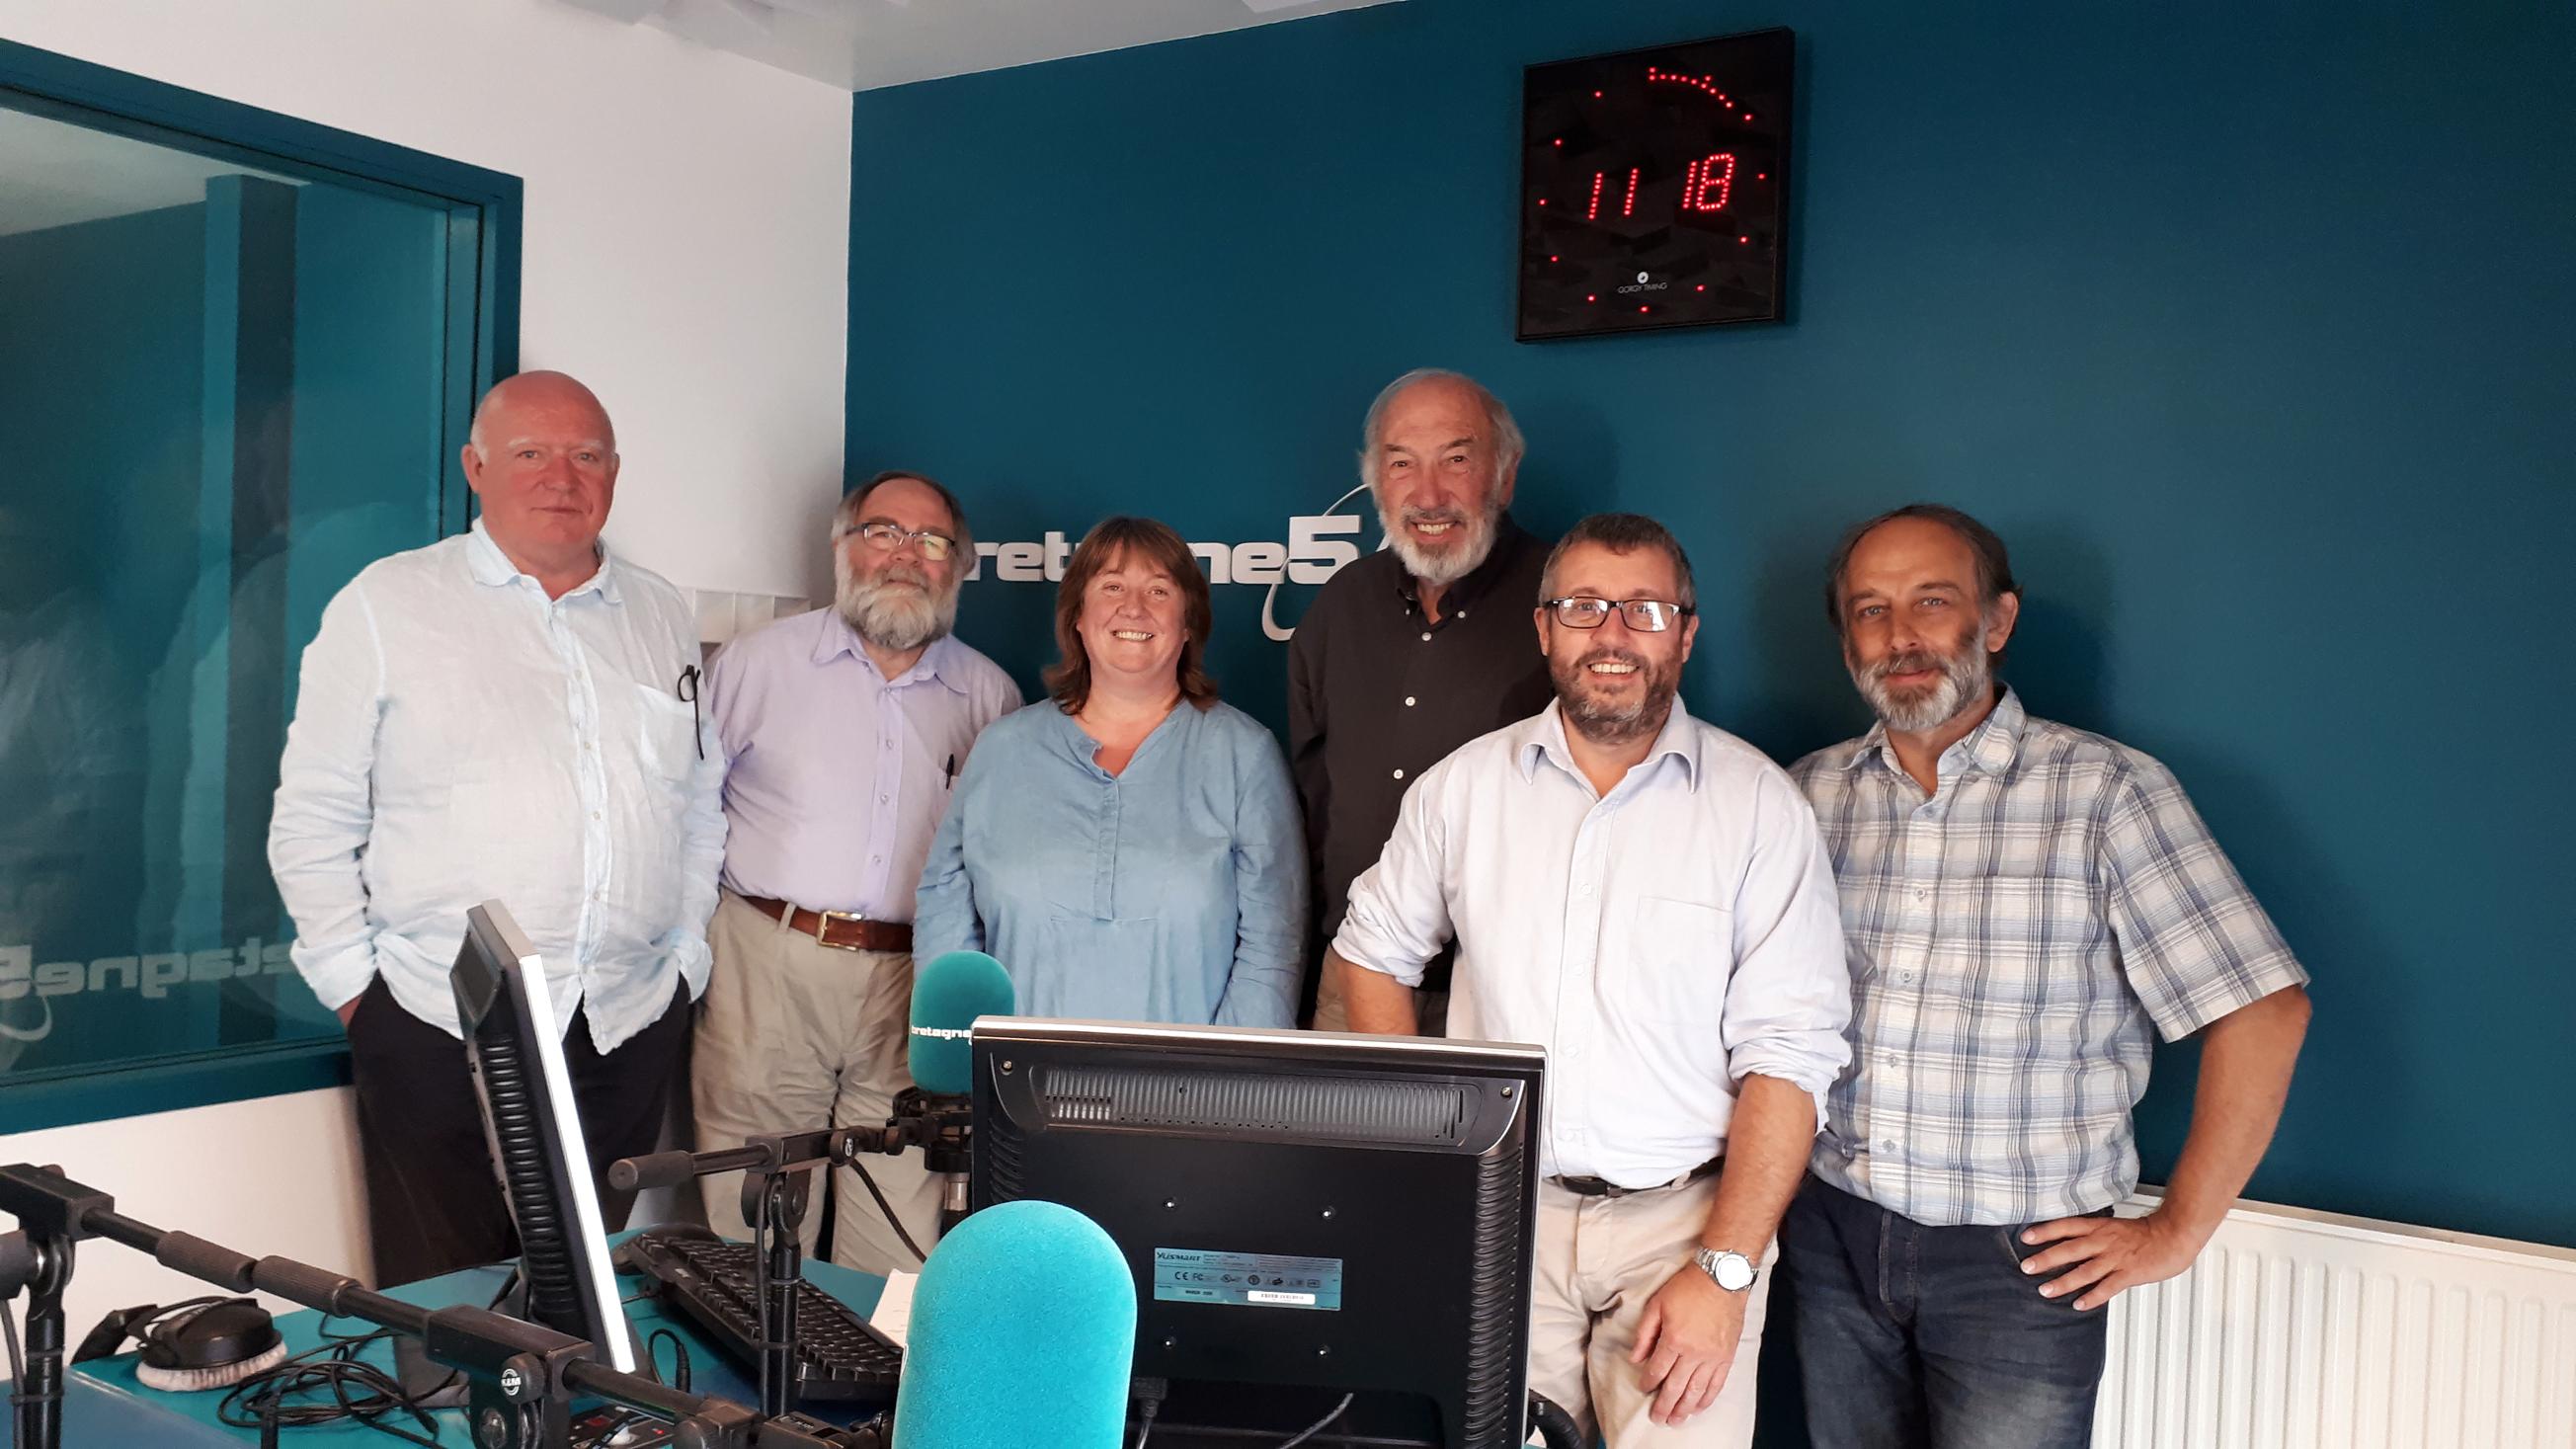 Bretagne 5 a fait le choix des ondes moyennes pour développer un autre modèle radiophonique